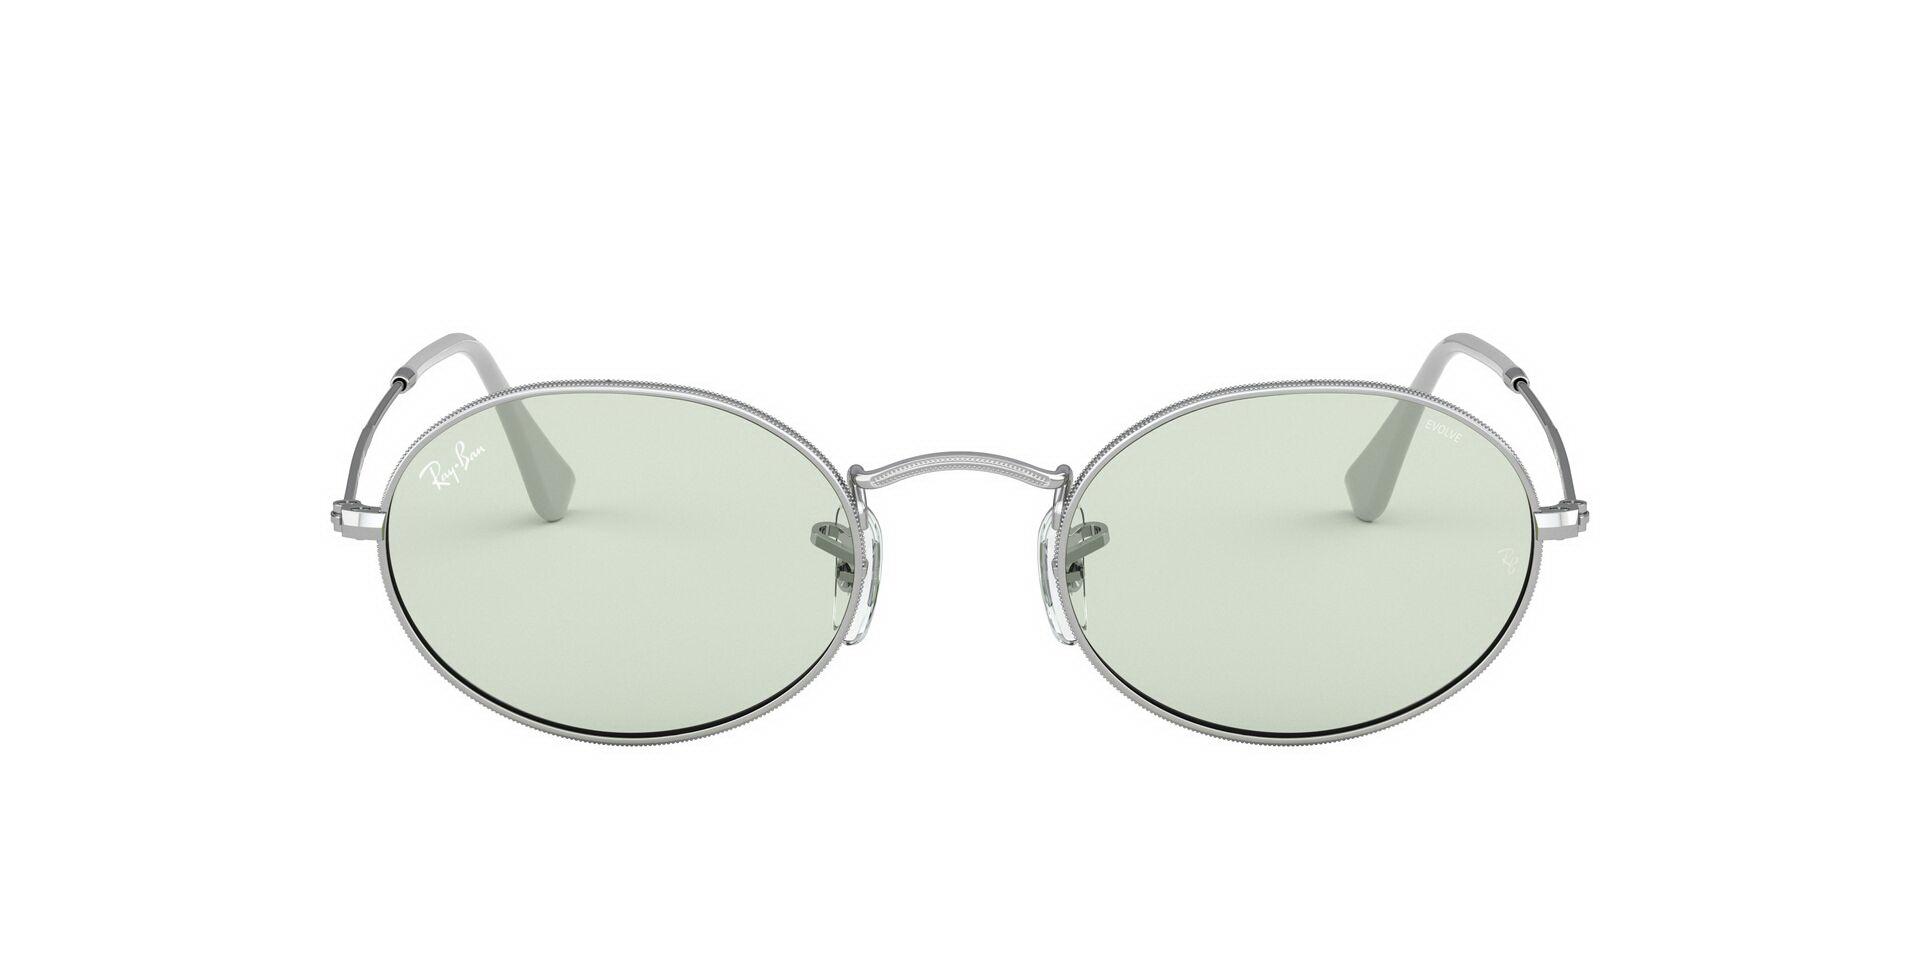 Солнцезащитные очки Очки с/з Ray Ban 0RB3547 003/T1 фото